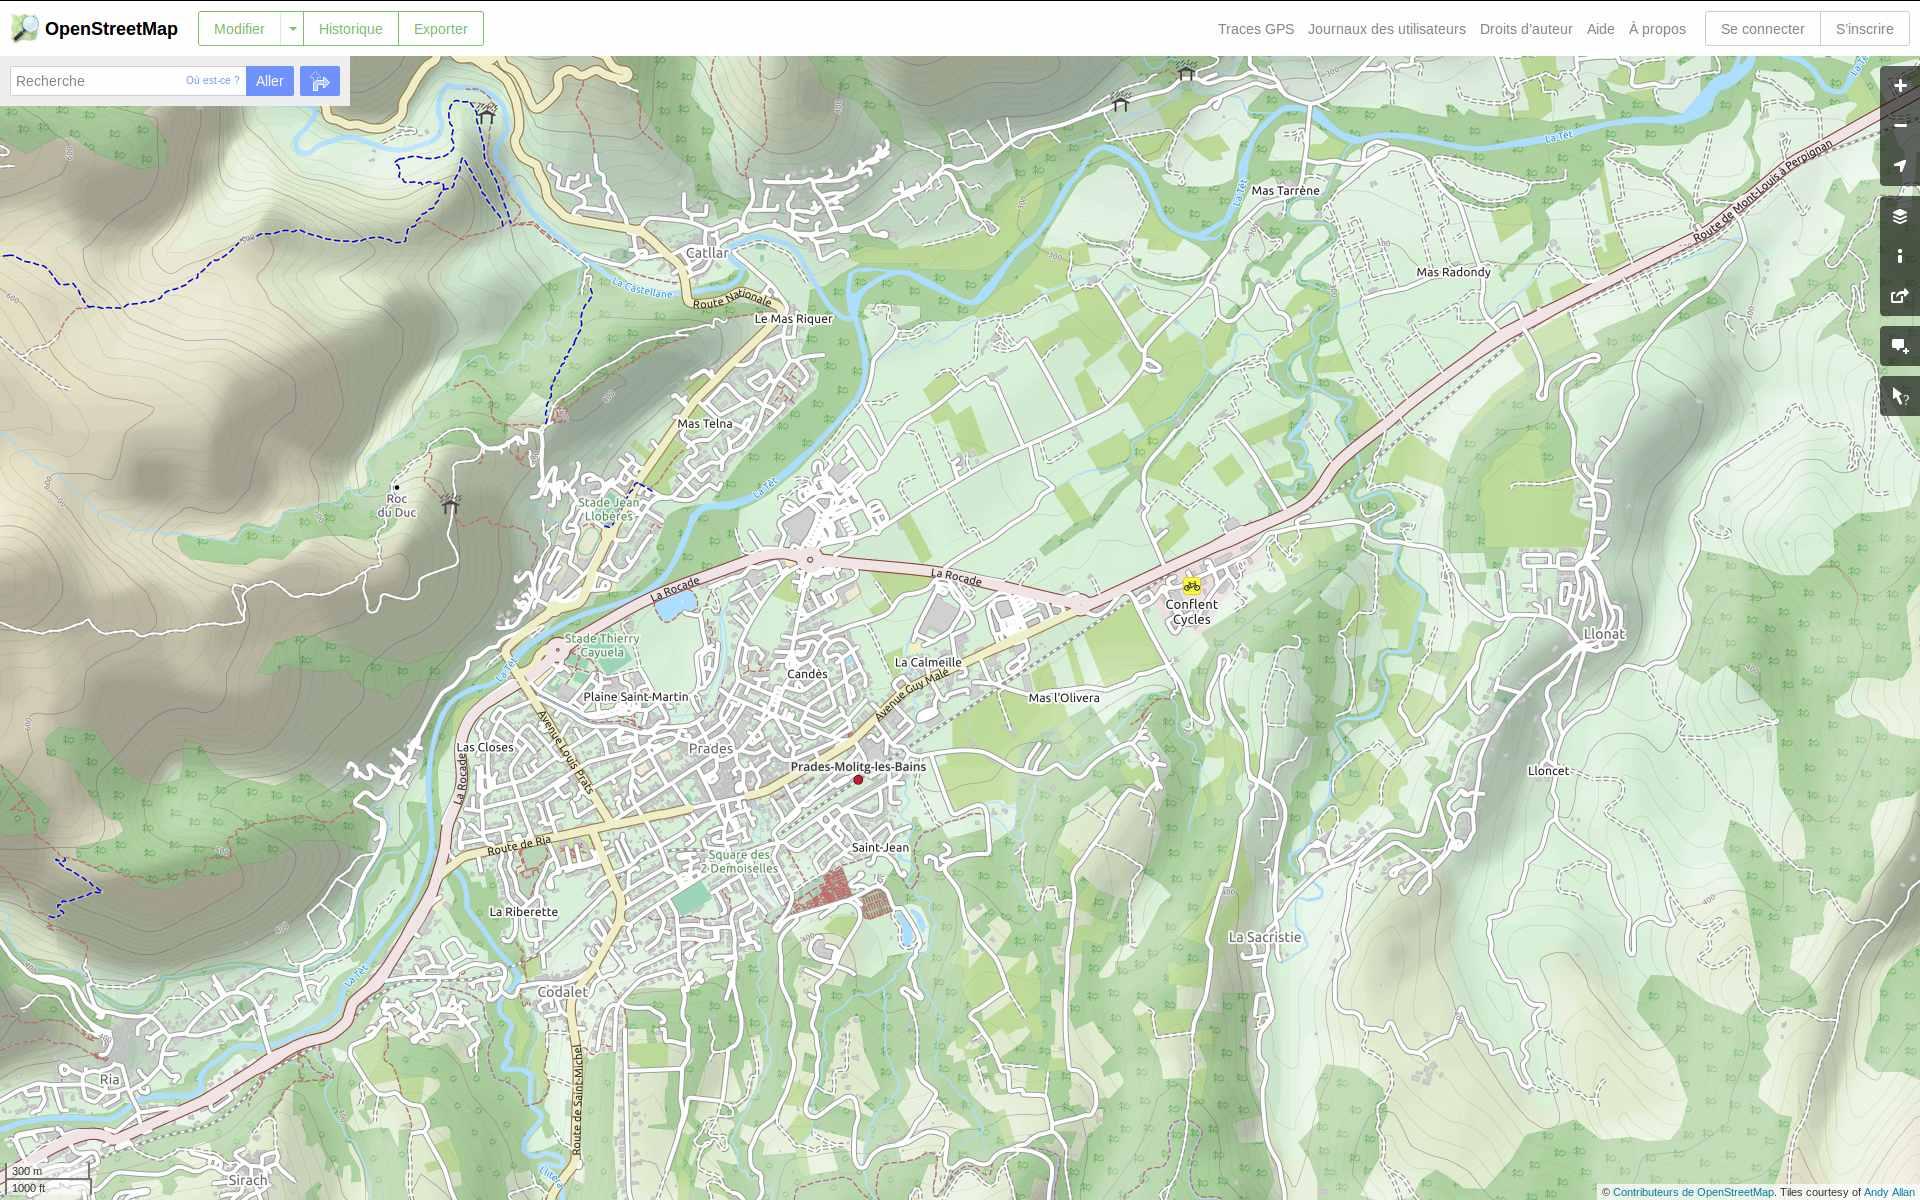 diagnostic immobilier prades 66500 PDE Prades vente location